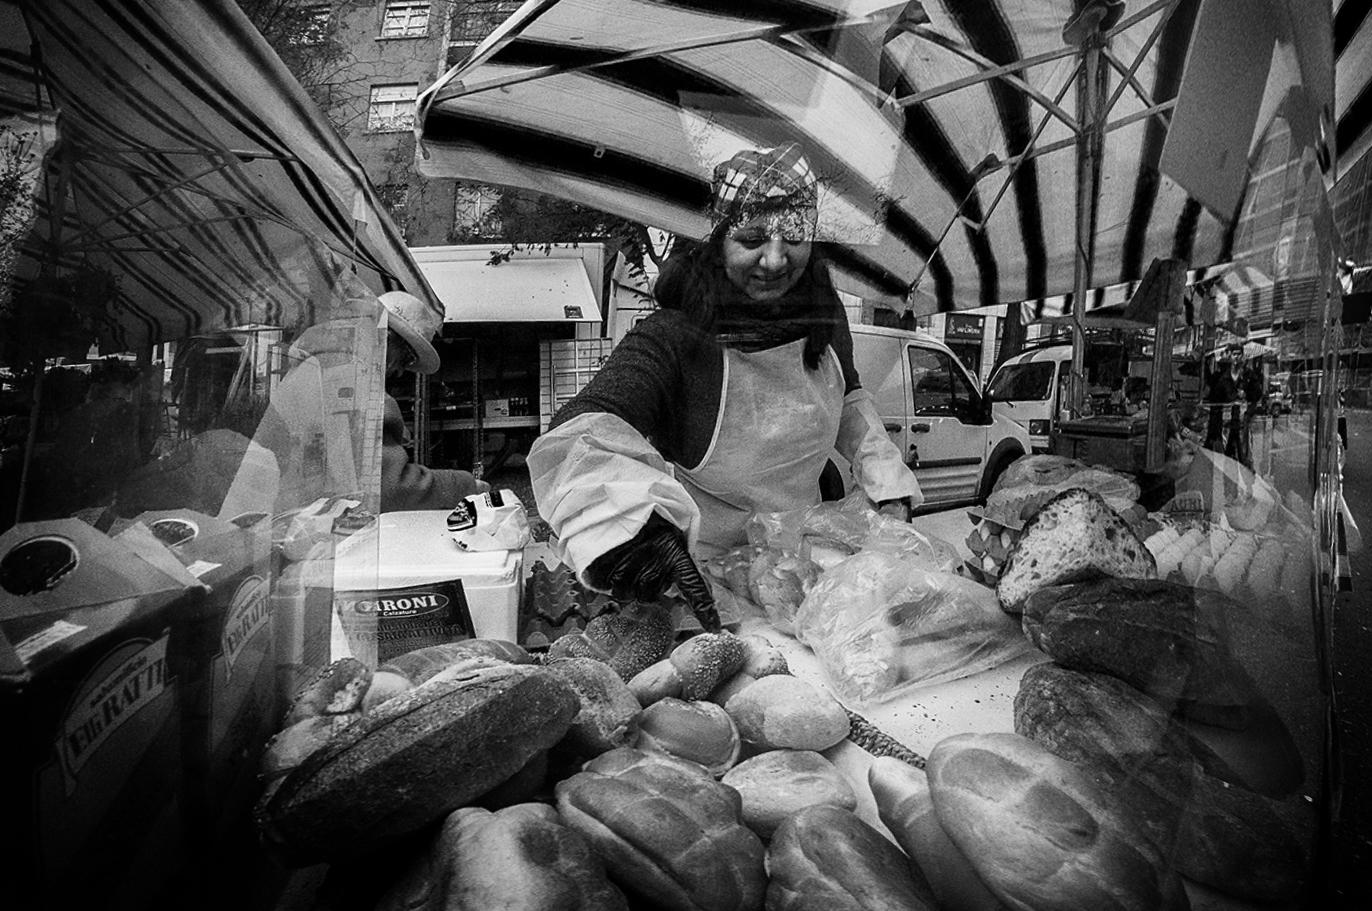 MILUNA-Ewa-Milun-Walczak-Na-Straganie-W-Dzien-targowy-Mediolan-Wlochy-bazar-targ-warzywa-ludzie-tlumy-reportaz-zakupy-12